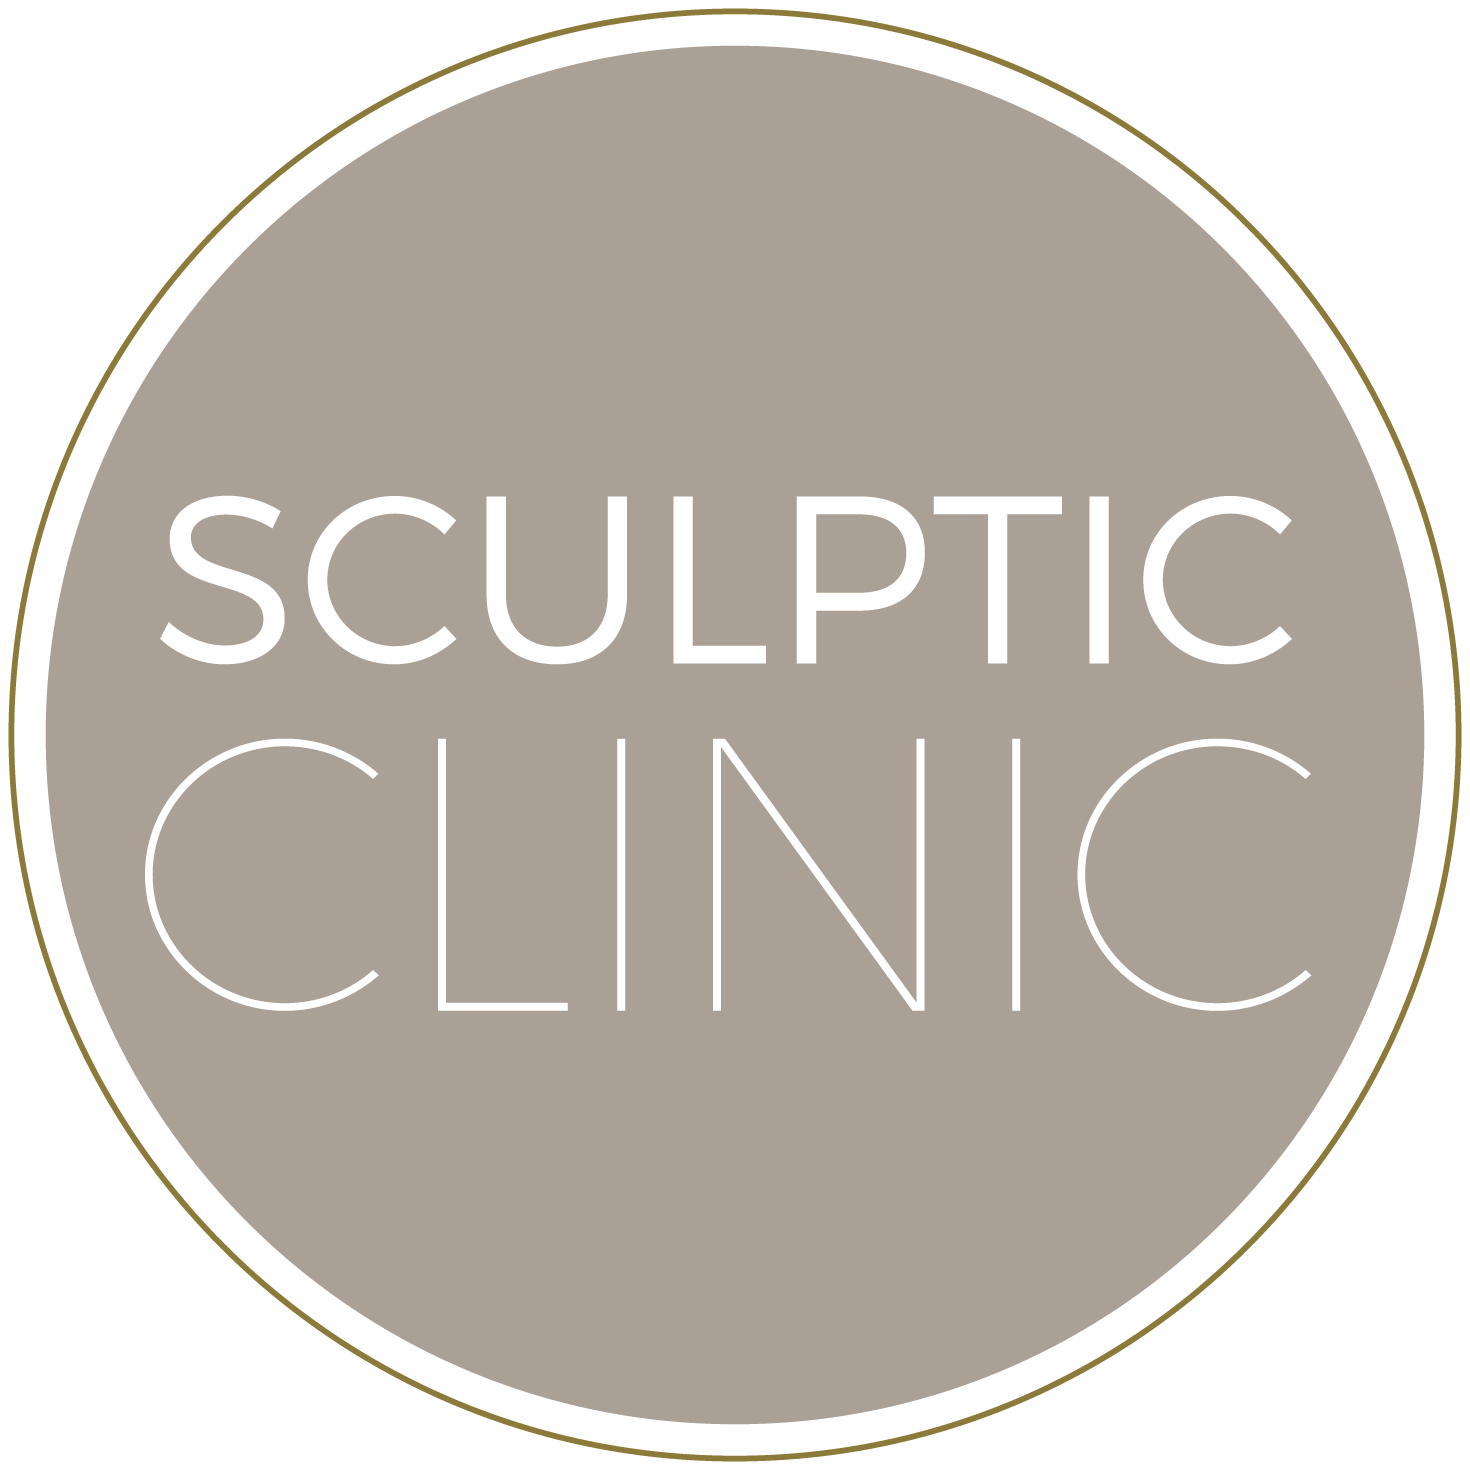 Sculptic Clinic